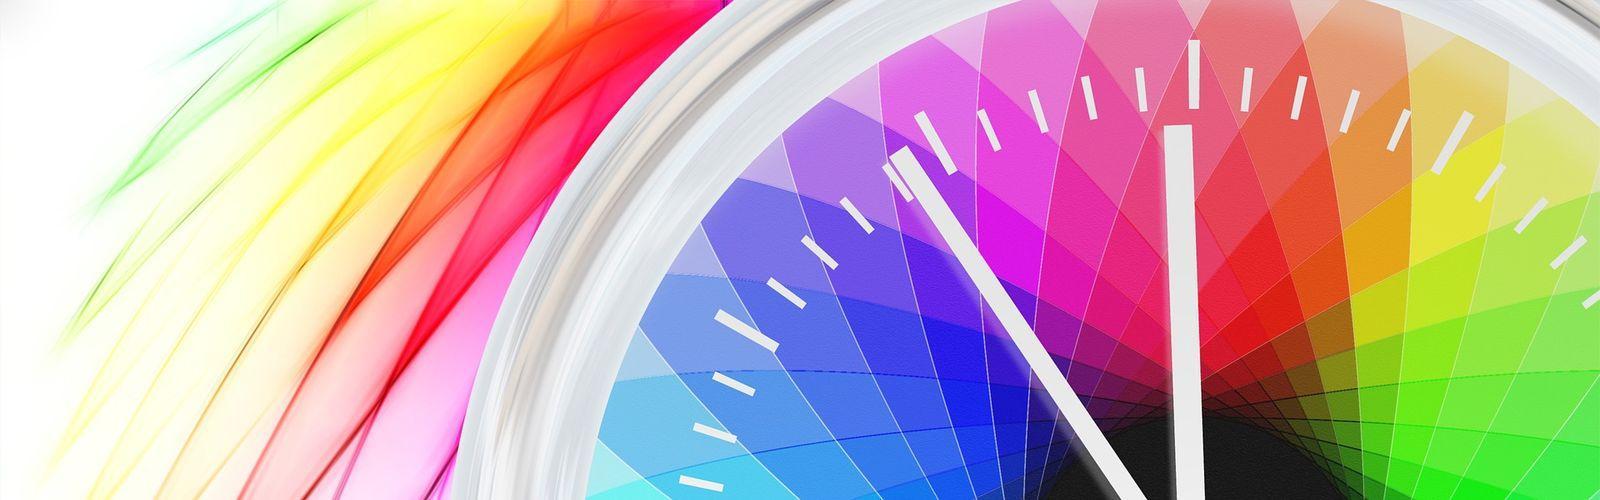 Górna część zegara z kolorową tarczą.